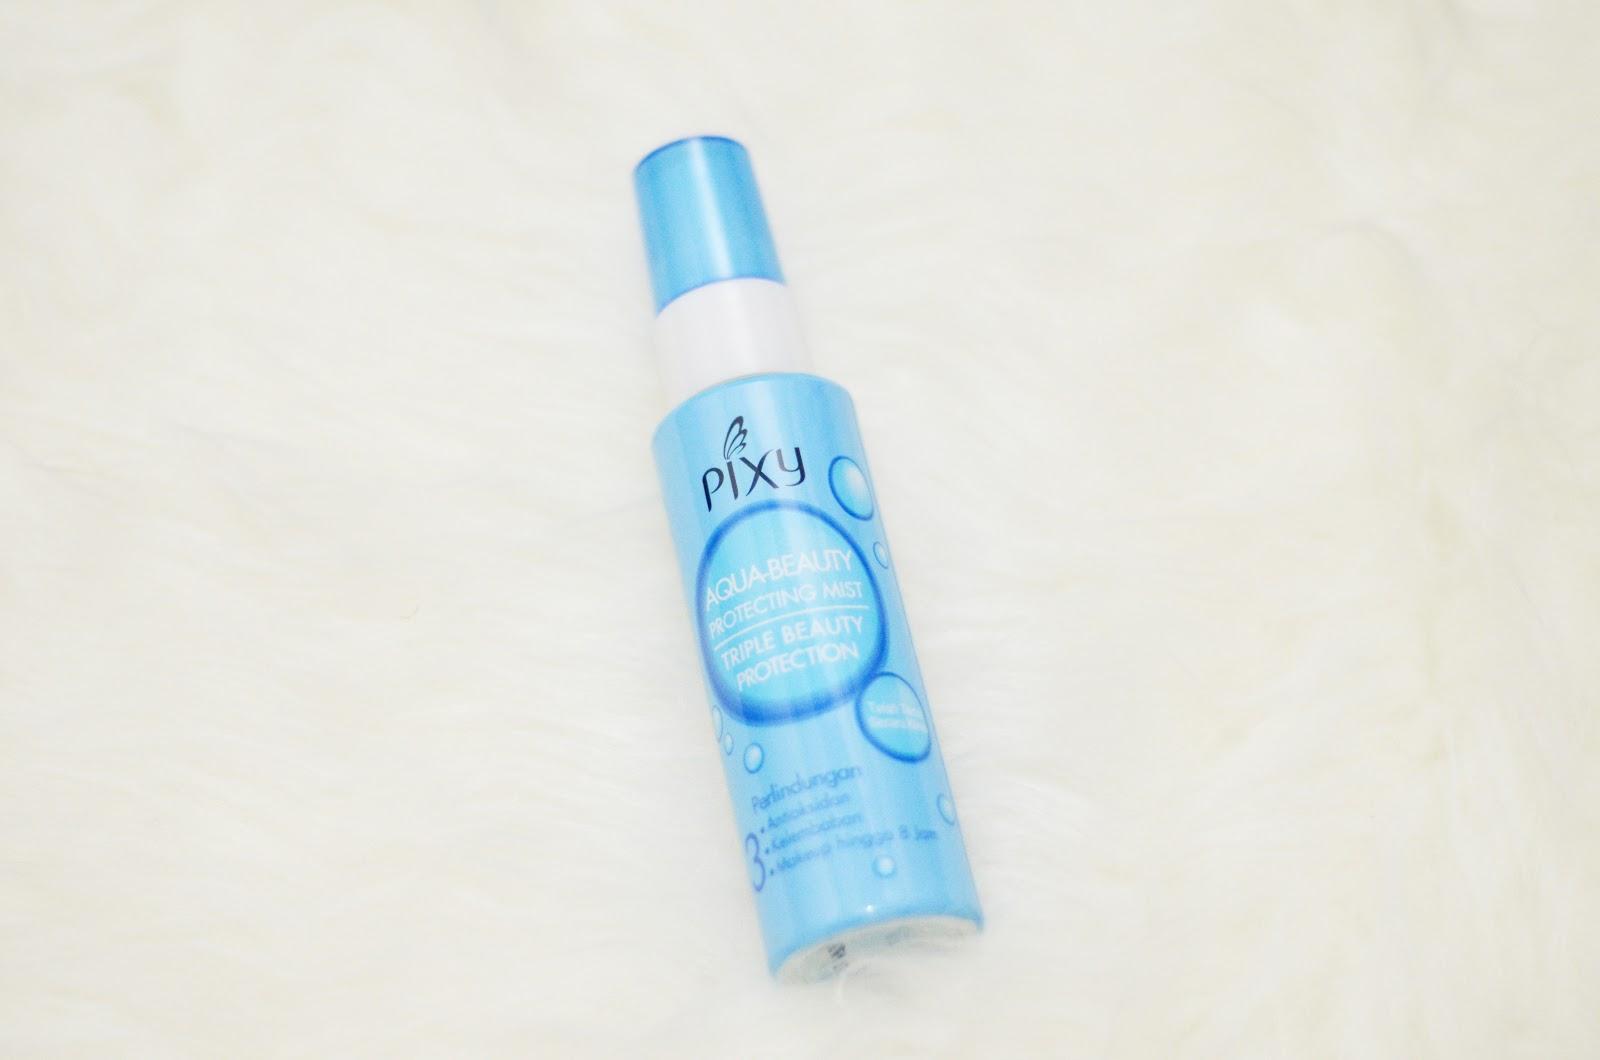 Pixy Aqua White Series Review Magellanictivity Beauty Protecting Mist Spray 60 Ml Makeup Menjadi Cepat Luntur Karena Keringan Dan Minyak Berlebih